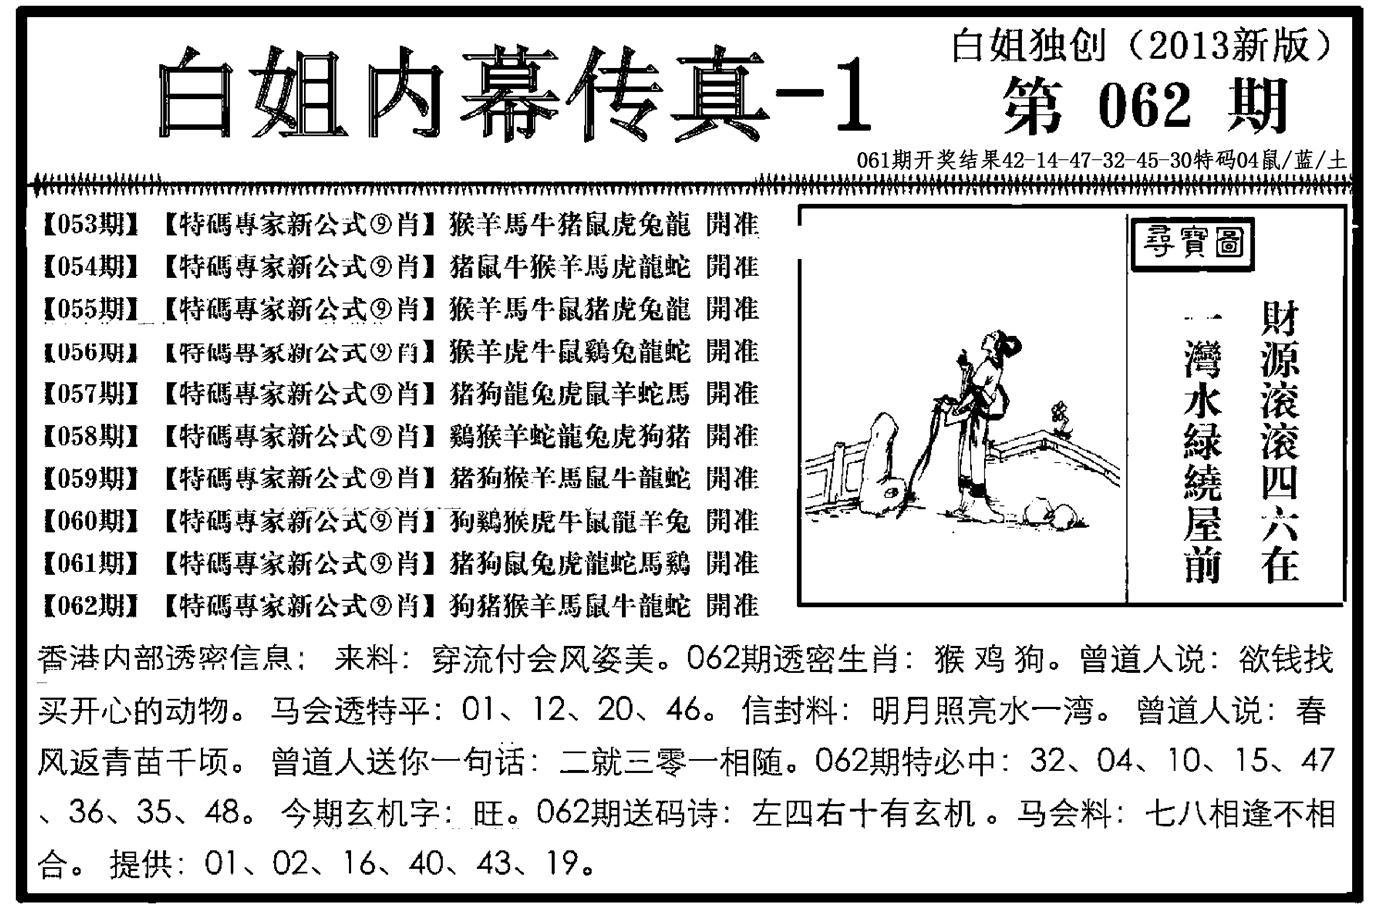 062期白姐内幕传真-1(黑白)